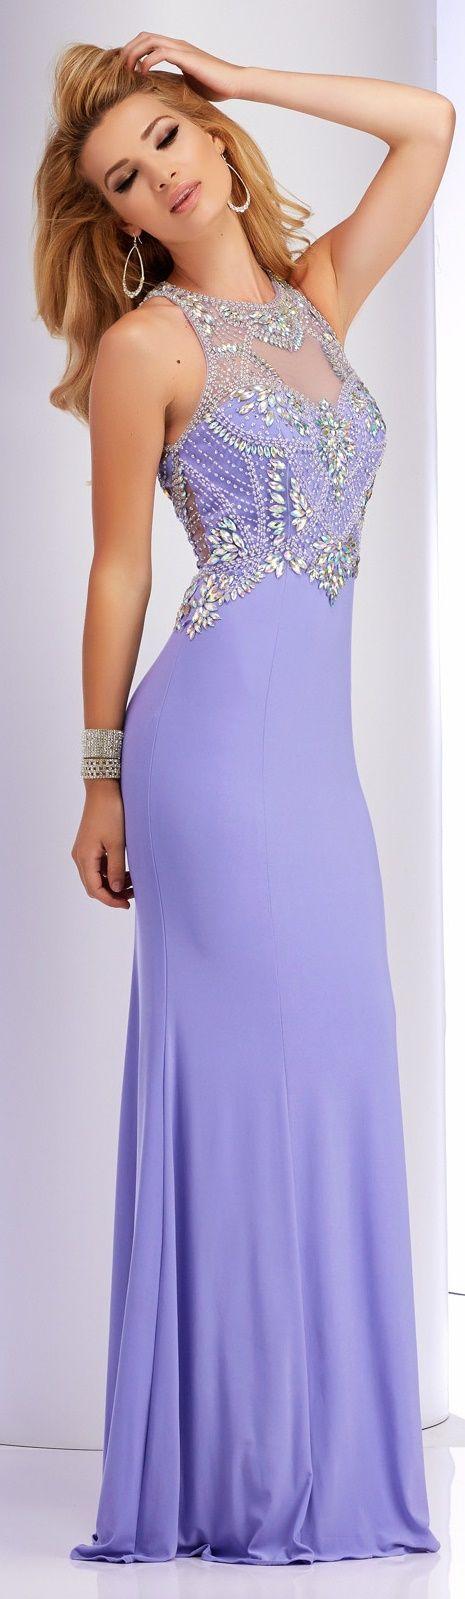 Clarisse #Prom #Dress